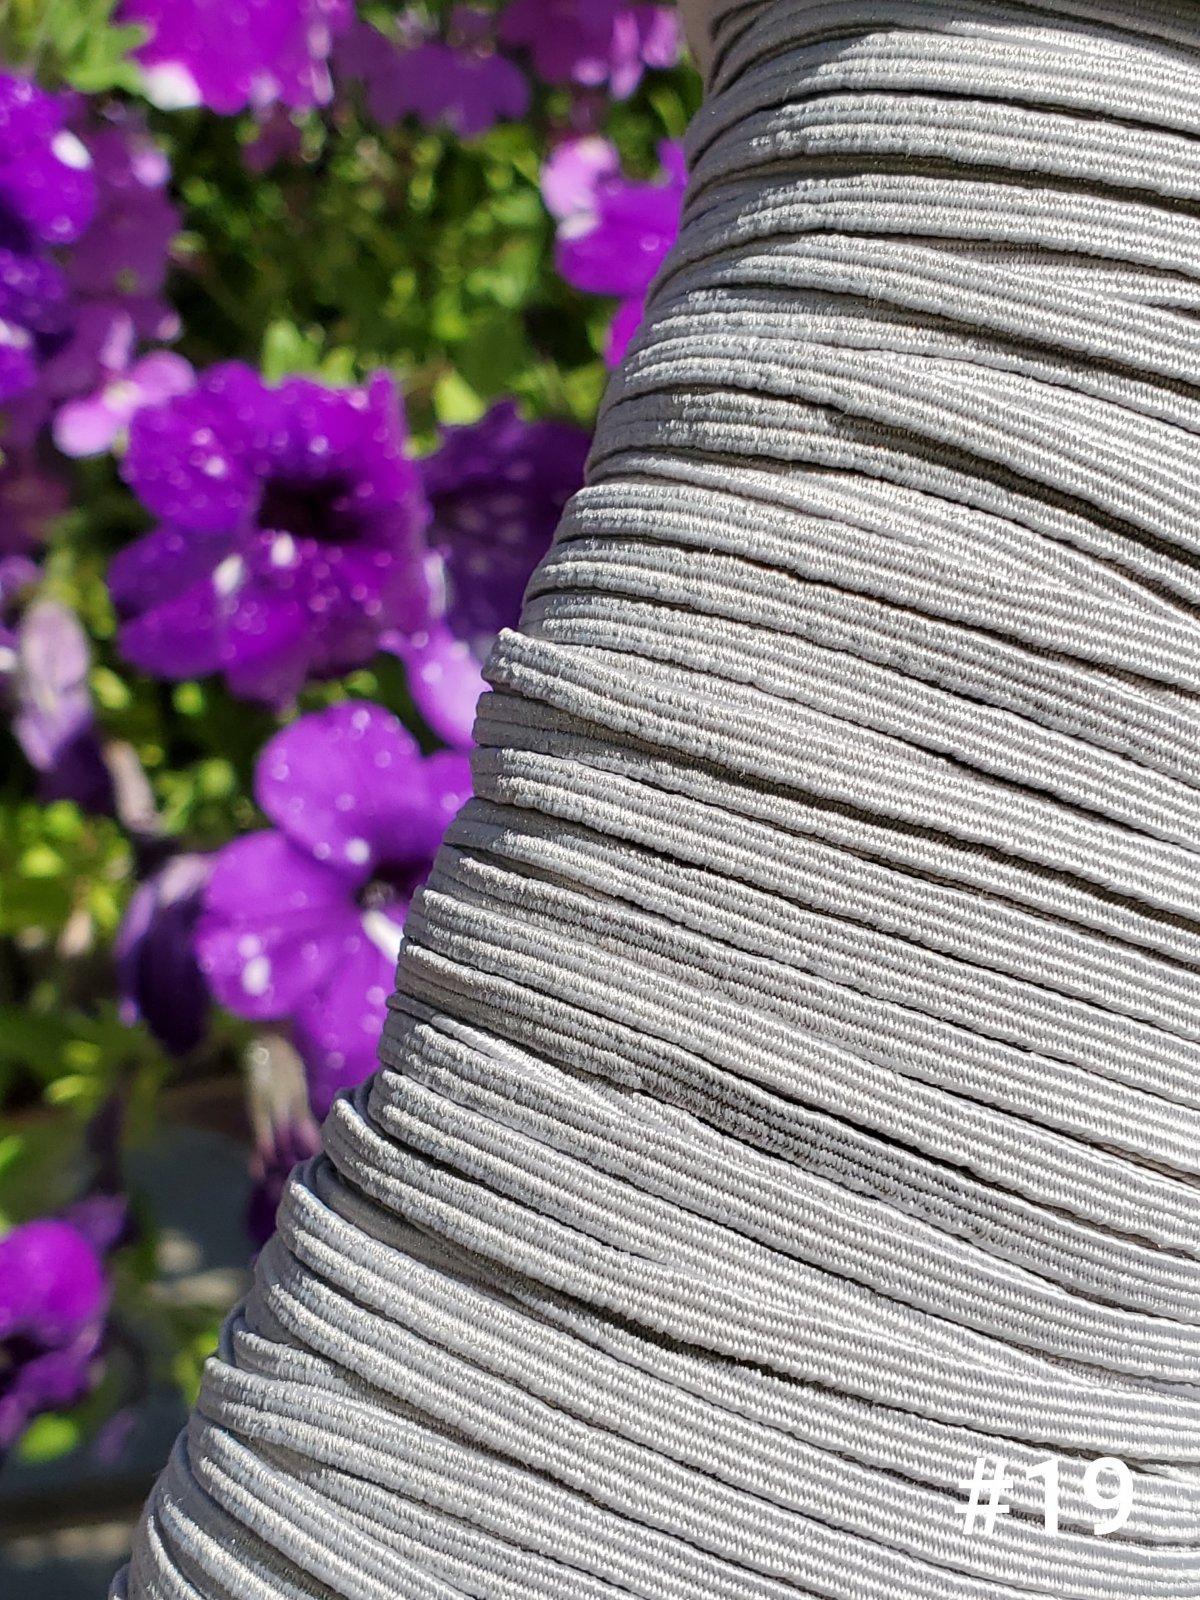 Cindy-rellas 1/8 inch (3mm) Elastic  - Light Grey